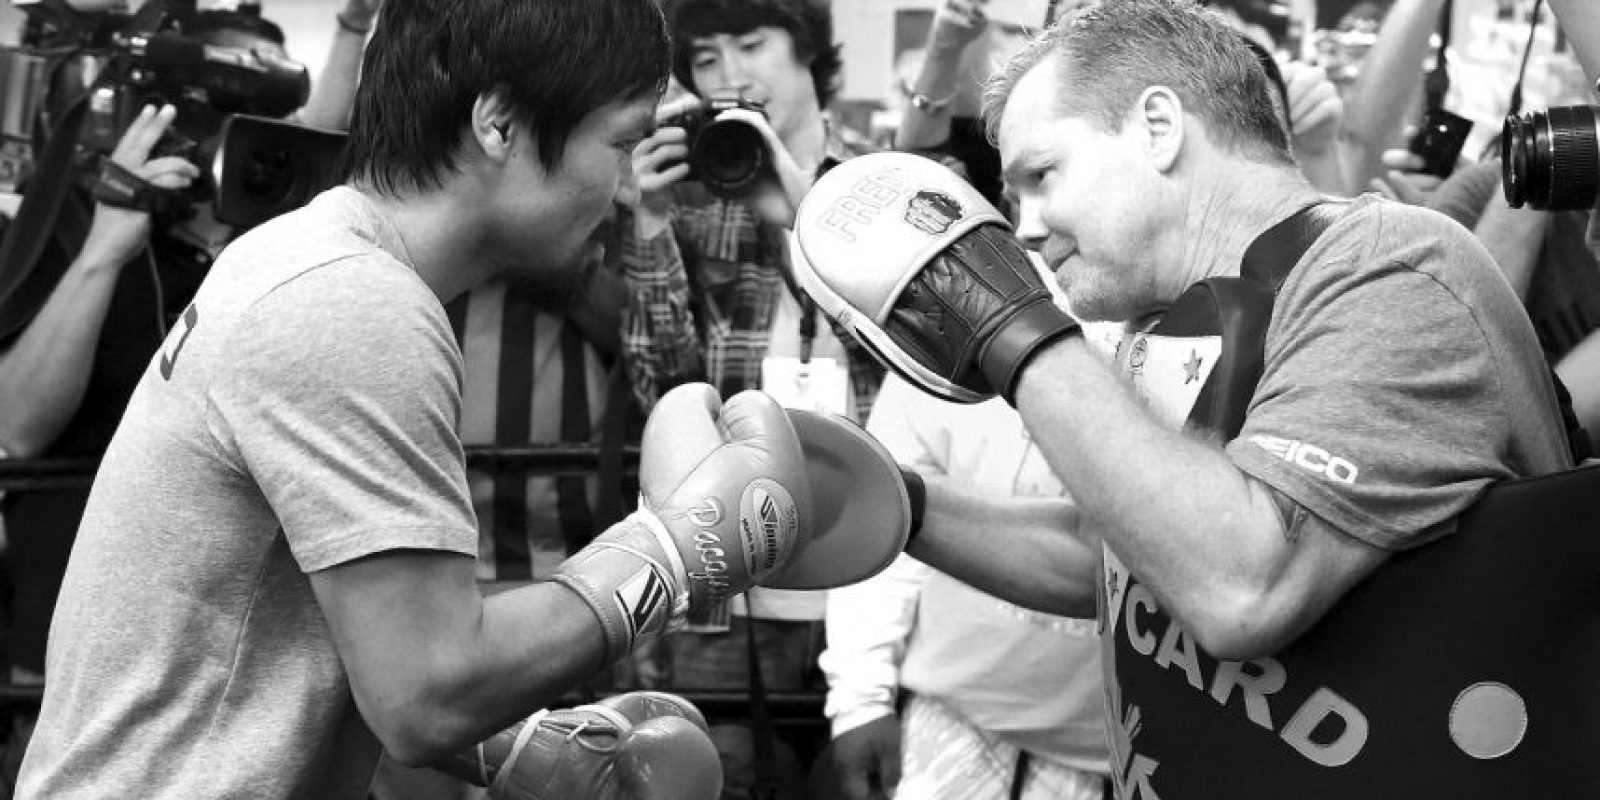 La edad de los boxeadores también se ha convertido en un tema candente de debate. Para el 02 de mayo de este año Mayweather tendrá 38 años de edad, mientras que Pacquiao se enfrentará enfrentará la pelea a los 36. Los expertos reconocen que el boxeo es un deporte peligroso y que los riesgos aumentan con la edad de los deportistas. Foto:Getty Images